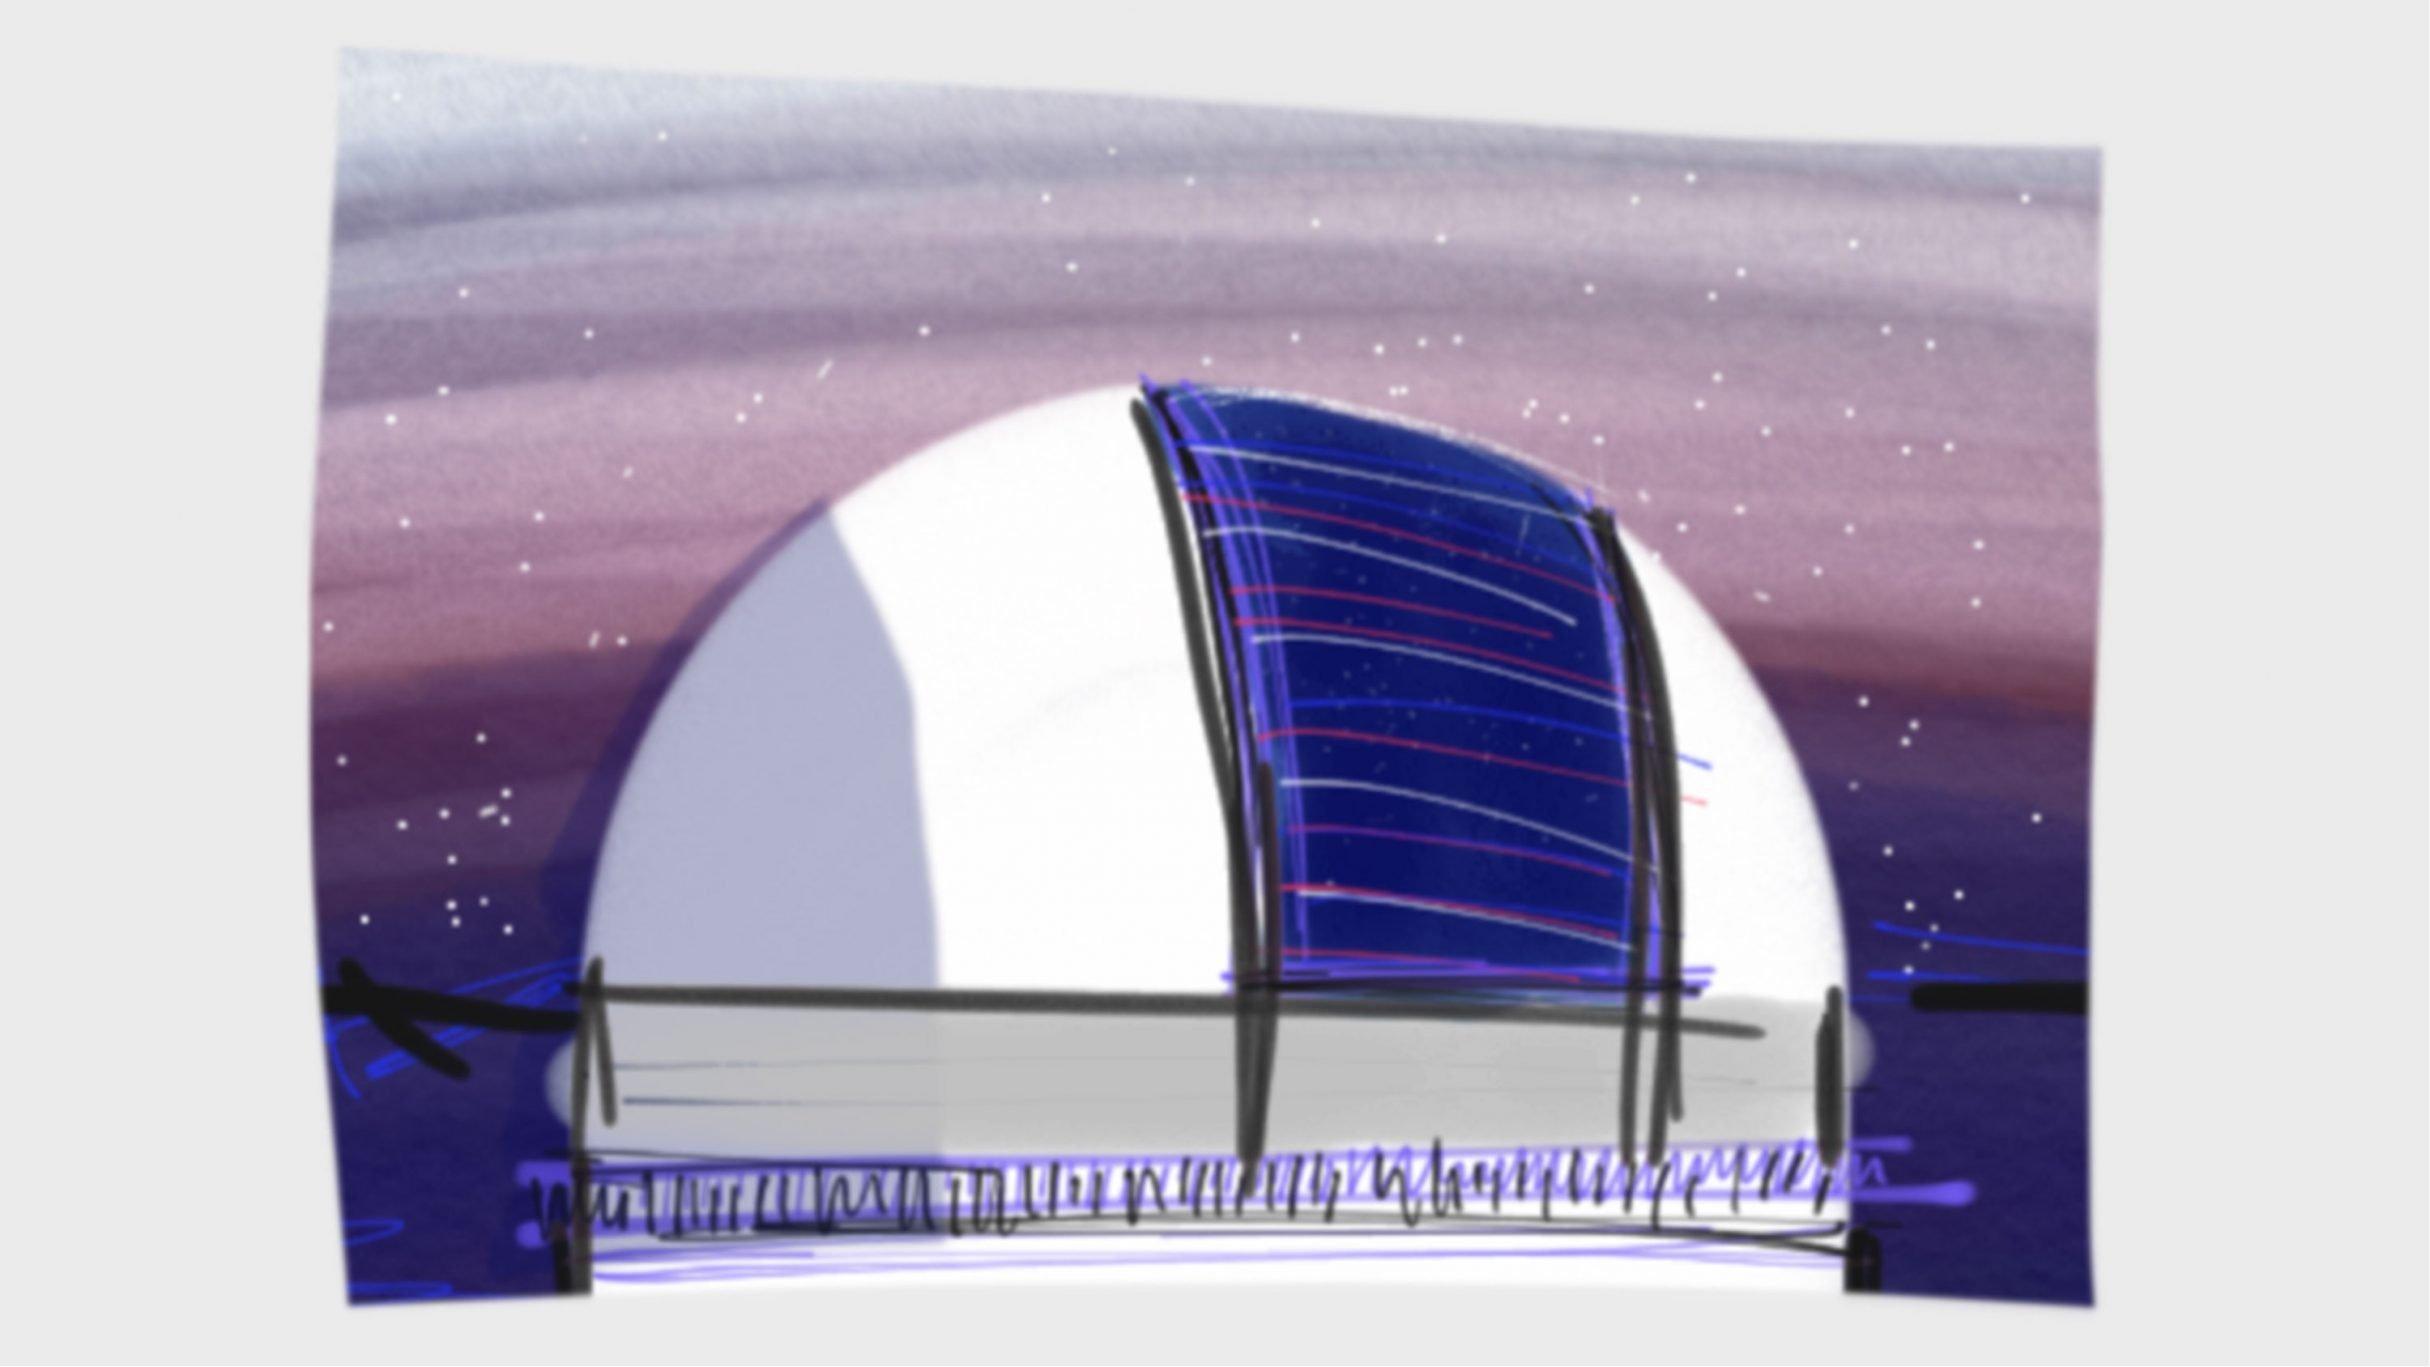 Storyboard Produktvideo GI.bench für Gantner Instruments: DIE NEUDENKER® Agentur, Darmstadt